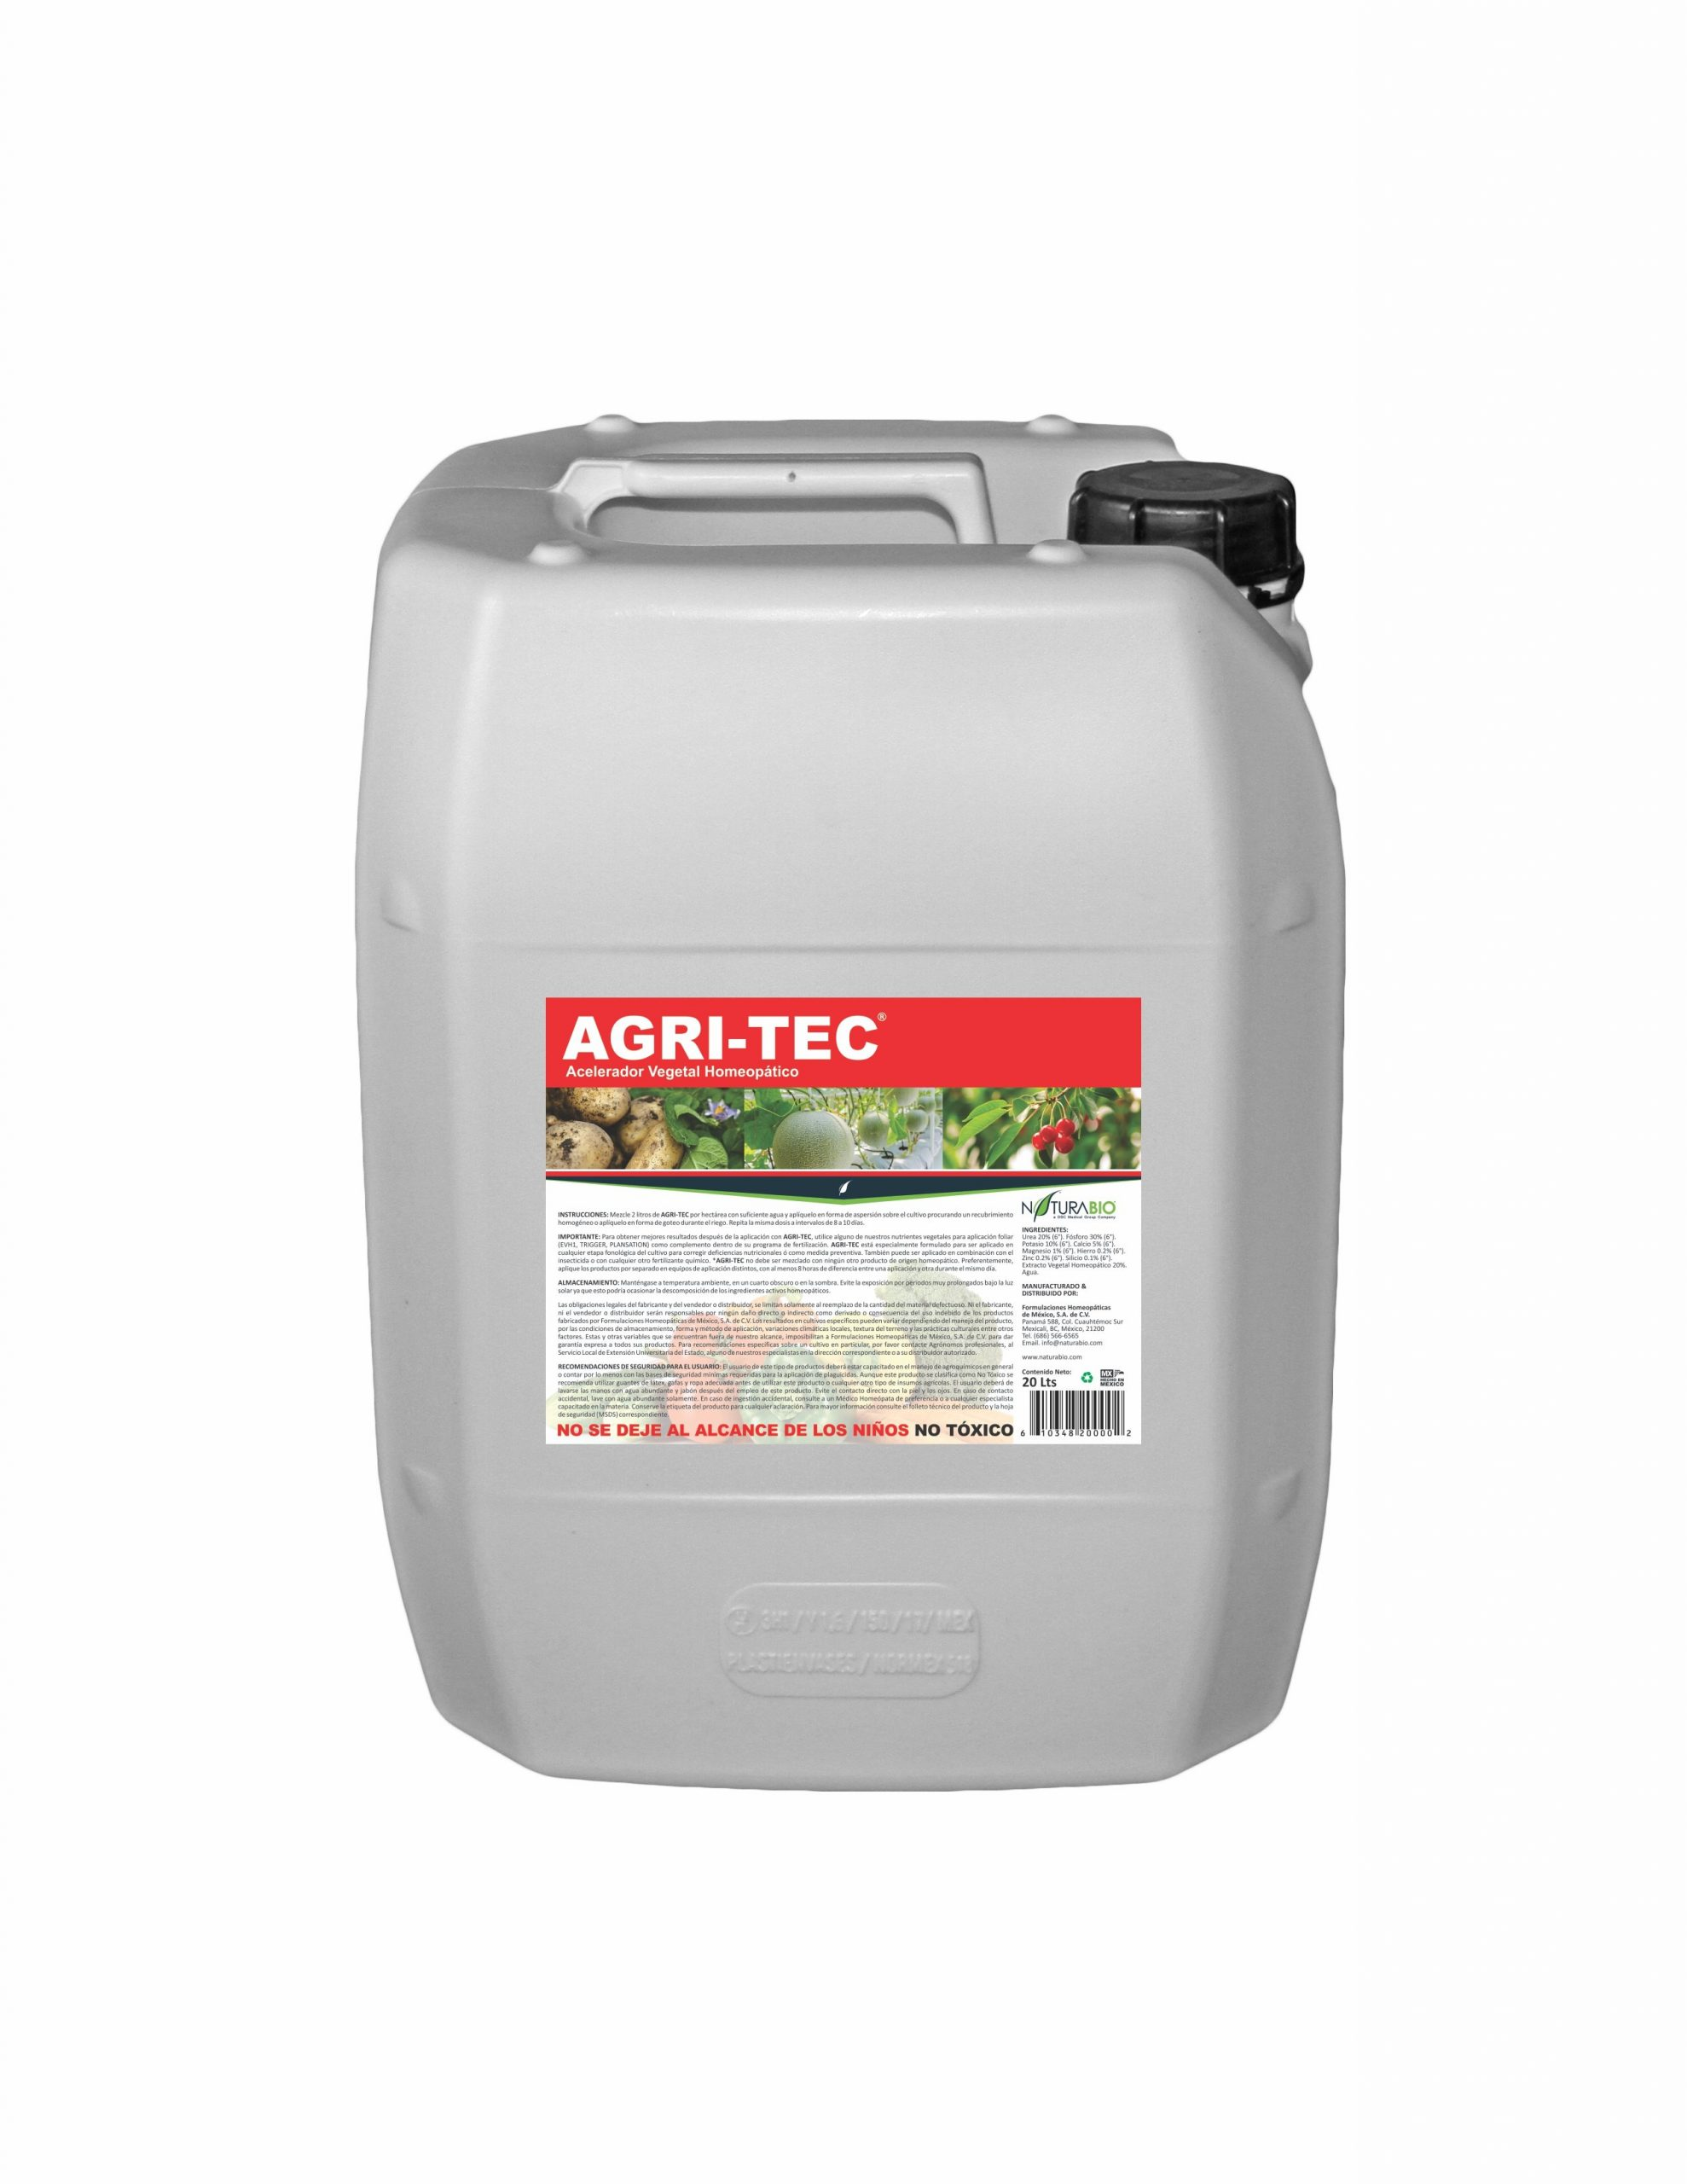 AGRI-TEC Acelerador Vegetal Homeopático